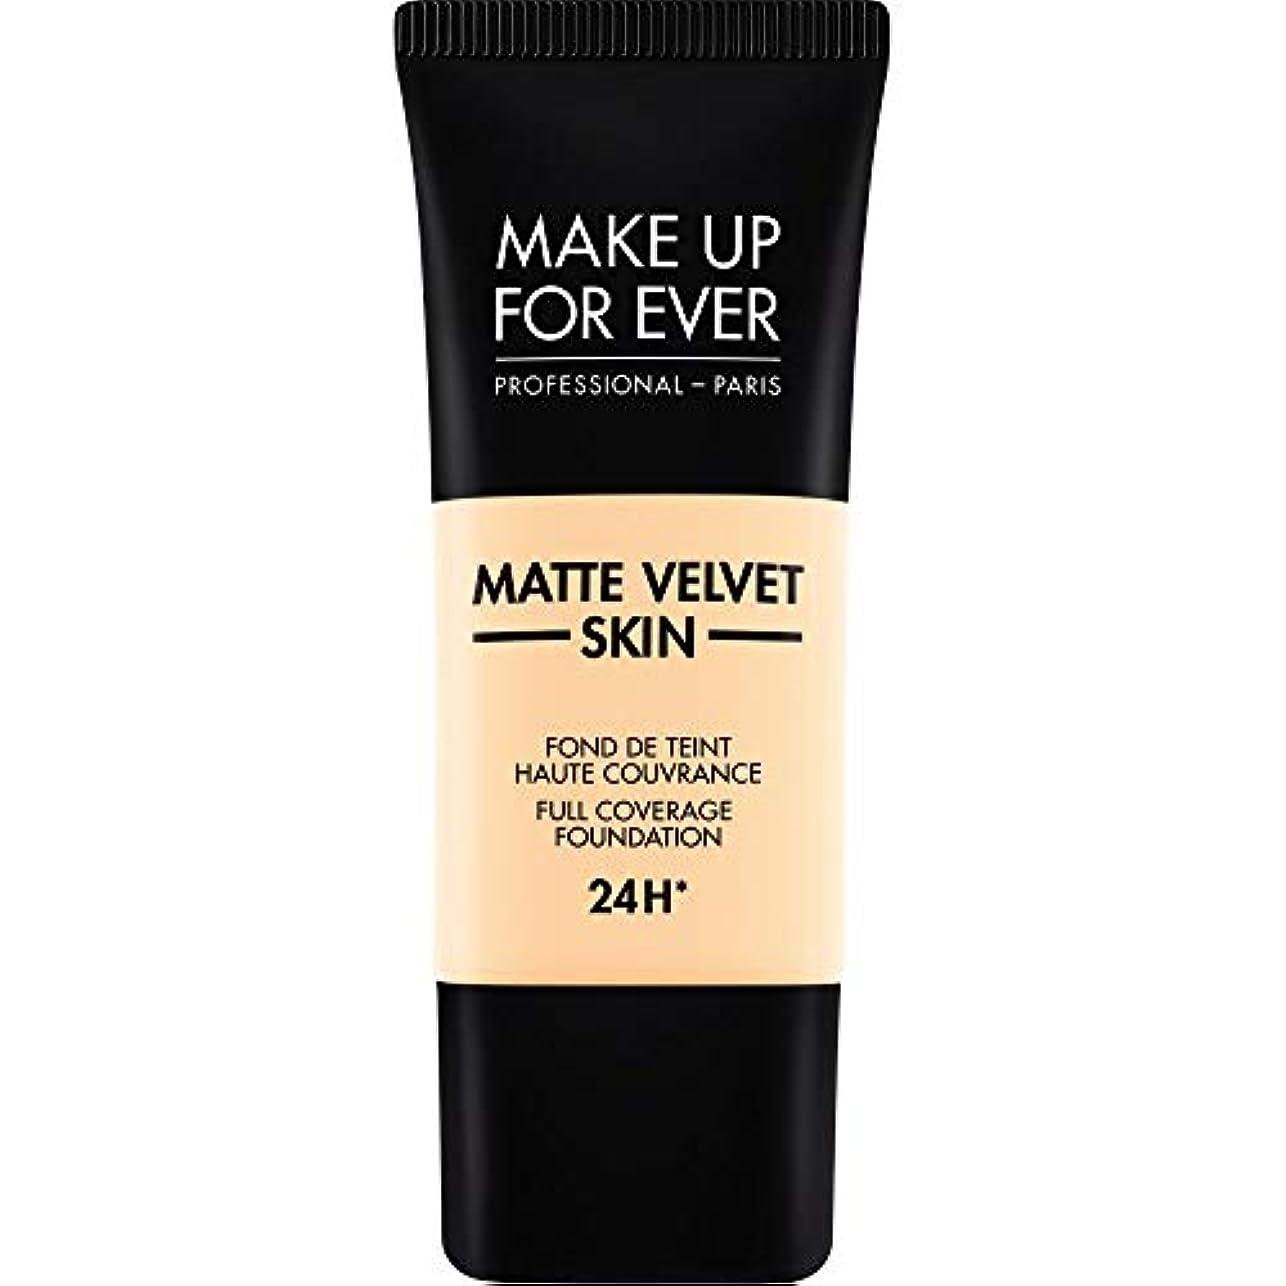 の間で期限切れ素敵な[MAKE UP FOR EVER] 黄アラバスター - これまでマットベルベットの皮膚のフルカバレッジ基礎30ミリリットルのY215を補います - MAKE UP FOR EVER Matte Velvet Skin...